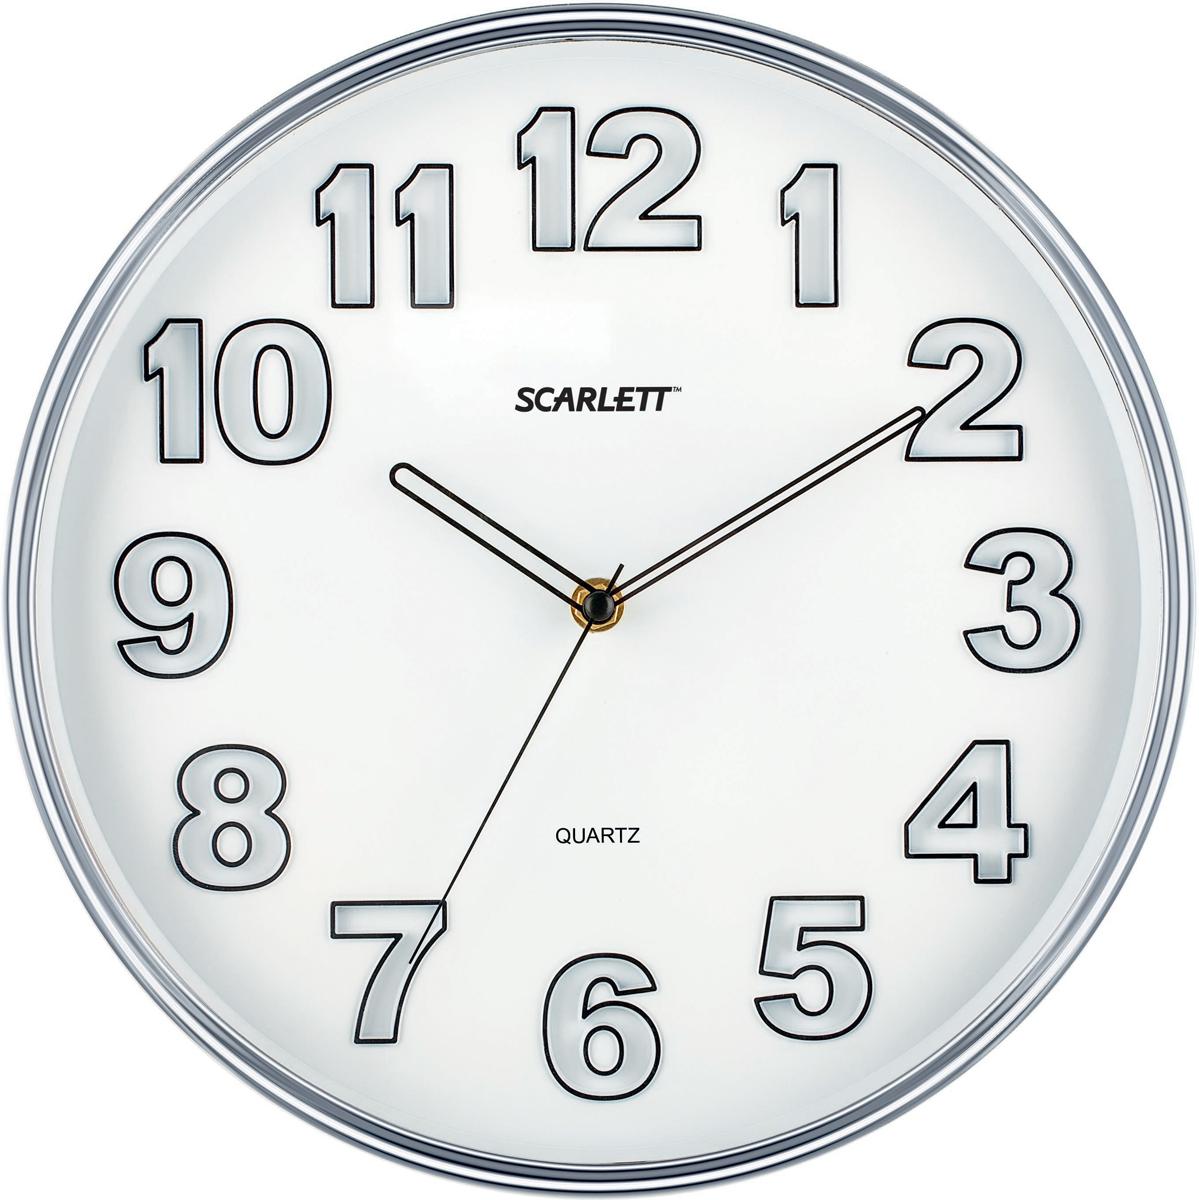 Scarlett SC-55K часы настенныеSC-55KПлавный ход секундной стрелки Материал корпуса - пластик Цвет корпуса - хром Цвет циферблата - белый Элемент питания: тип АА 1.5V Период работы от одного элемента: 12 месяцев Относительная влажность помещения от 30% до 80% Температура: от 1°С до 45°С Размер: D 30.3 см